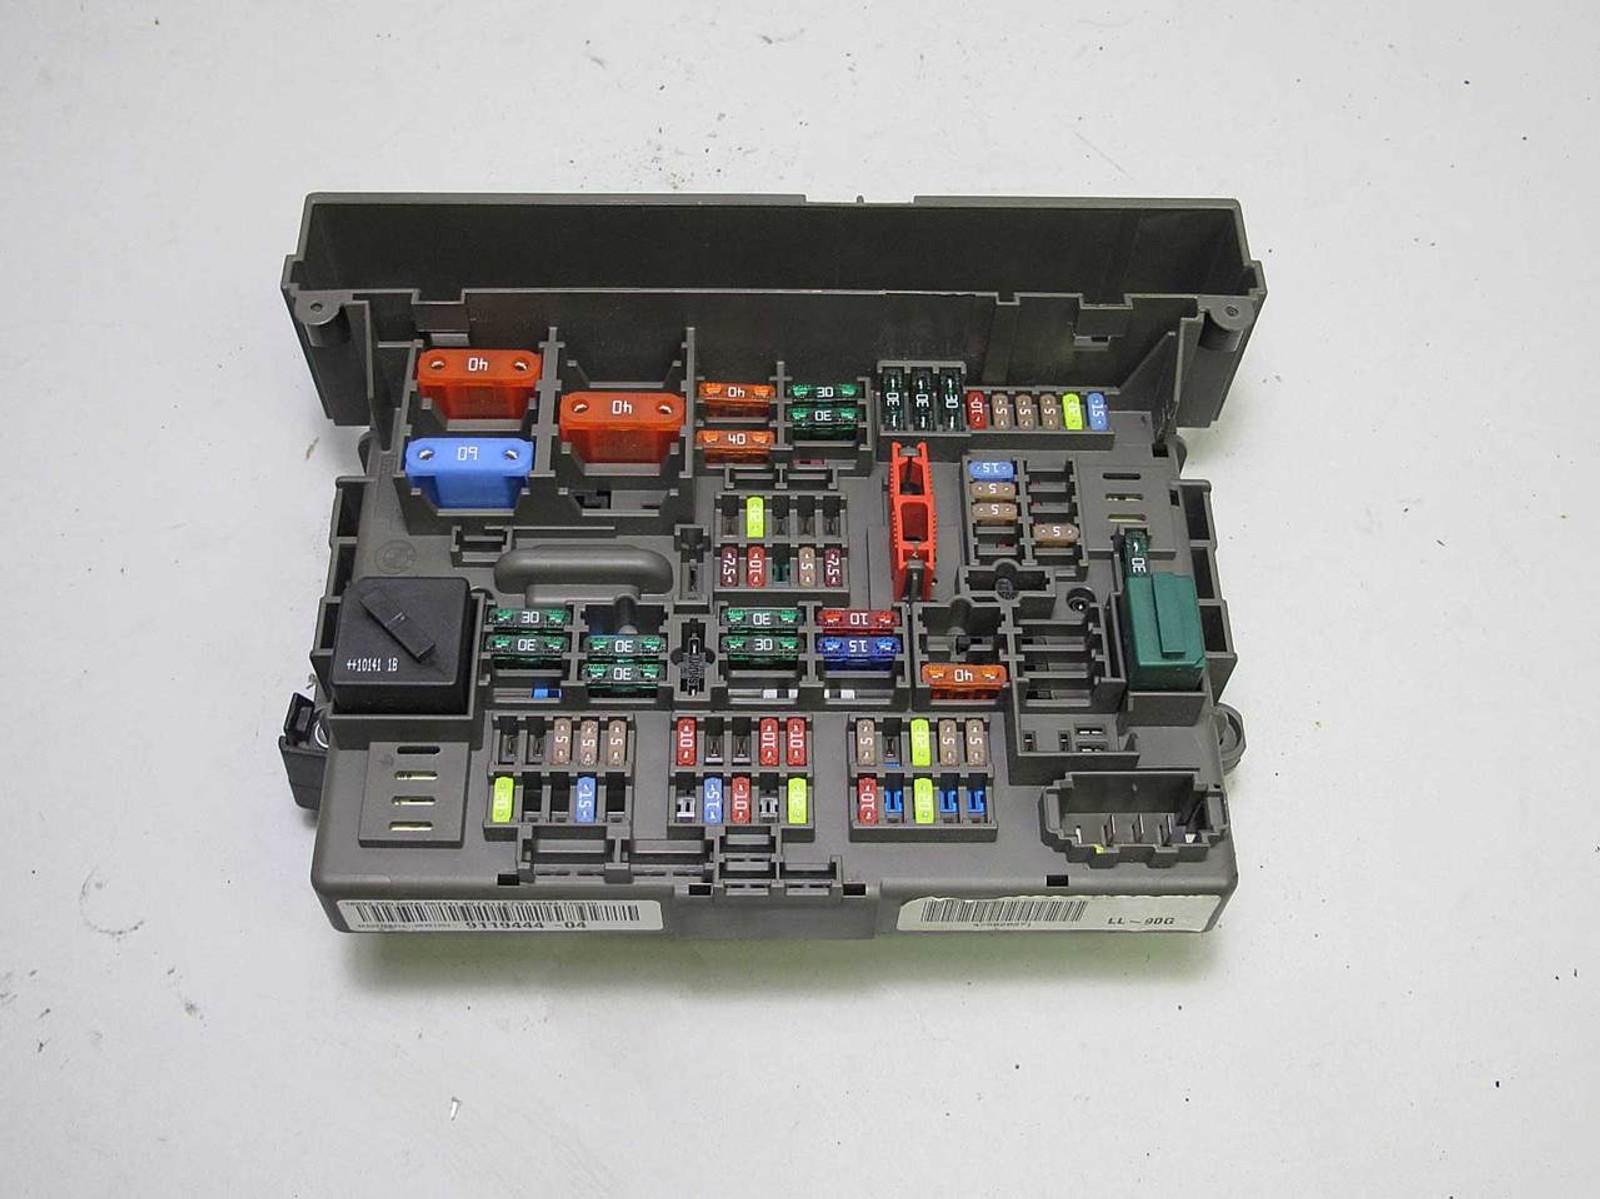 bmw e90 e92 3 series e82 front interior glove box fuse box 2008 2013 bmw 328i fuse box diagram bmw e90 glove box fuse [ 1280 x 959 Pixel ]